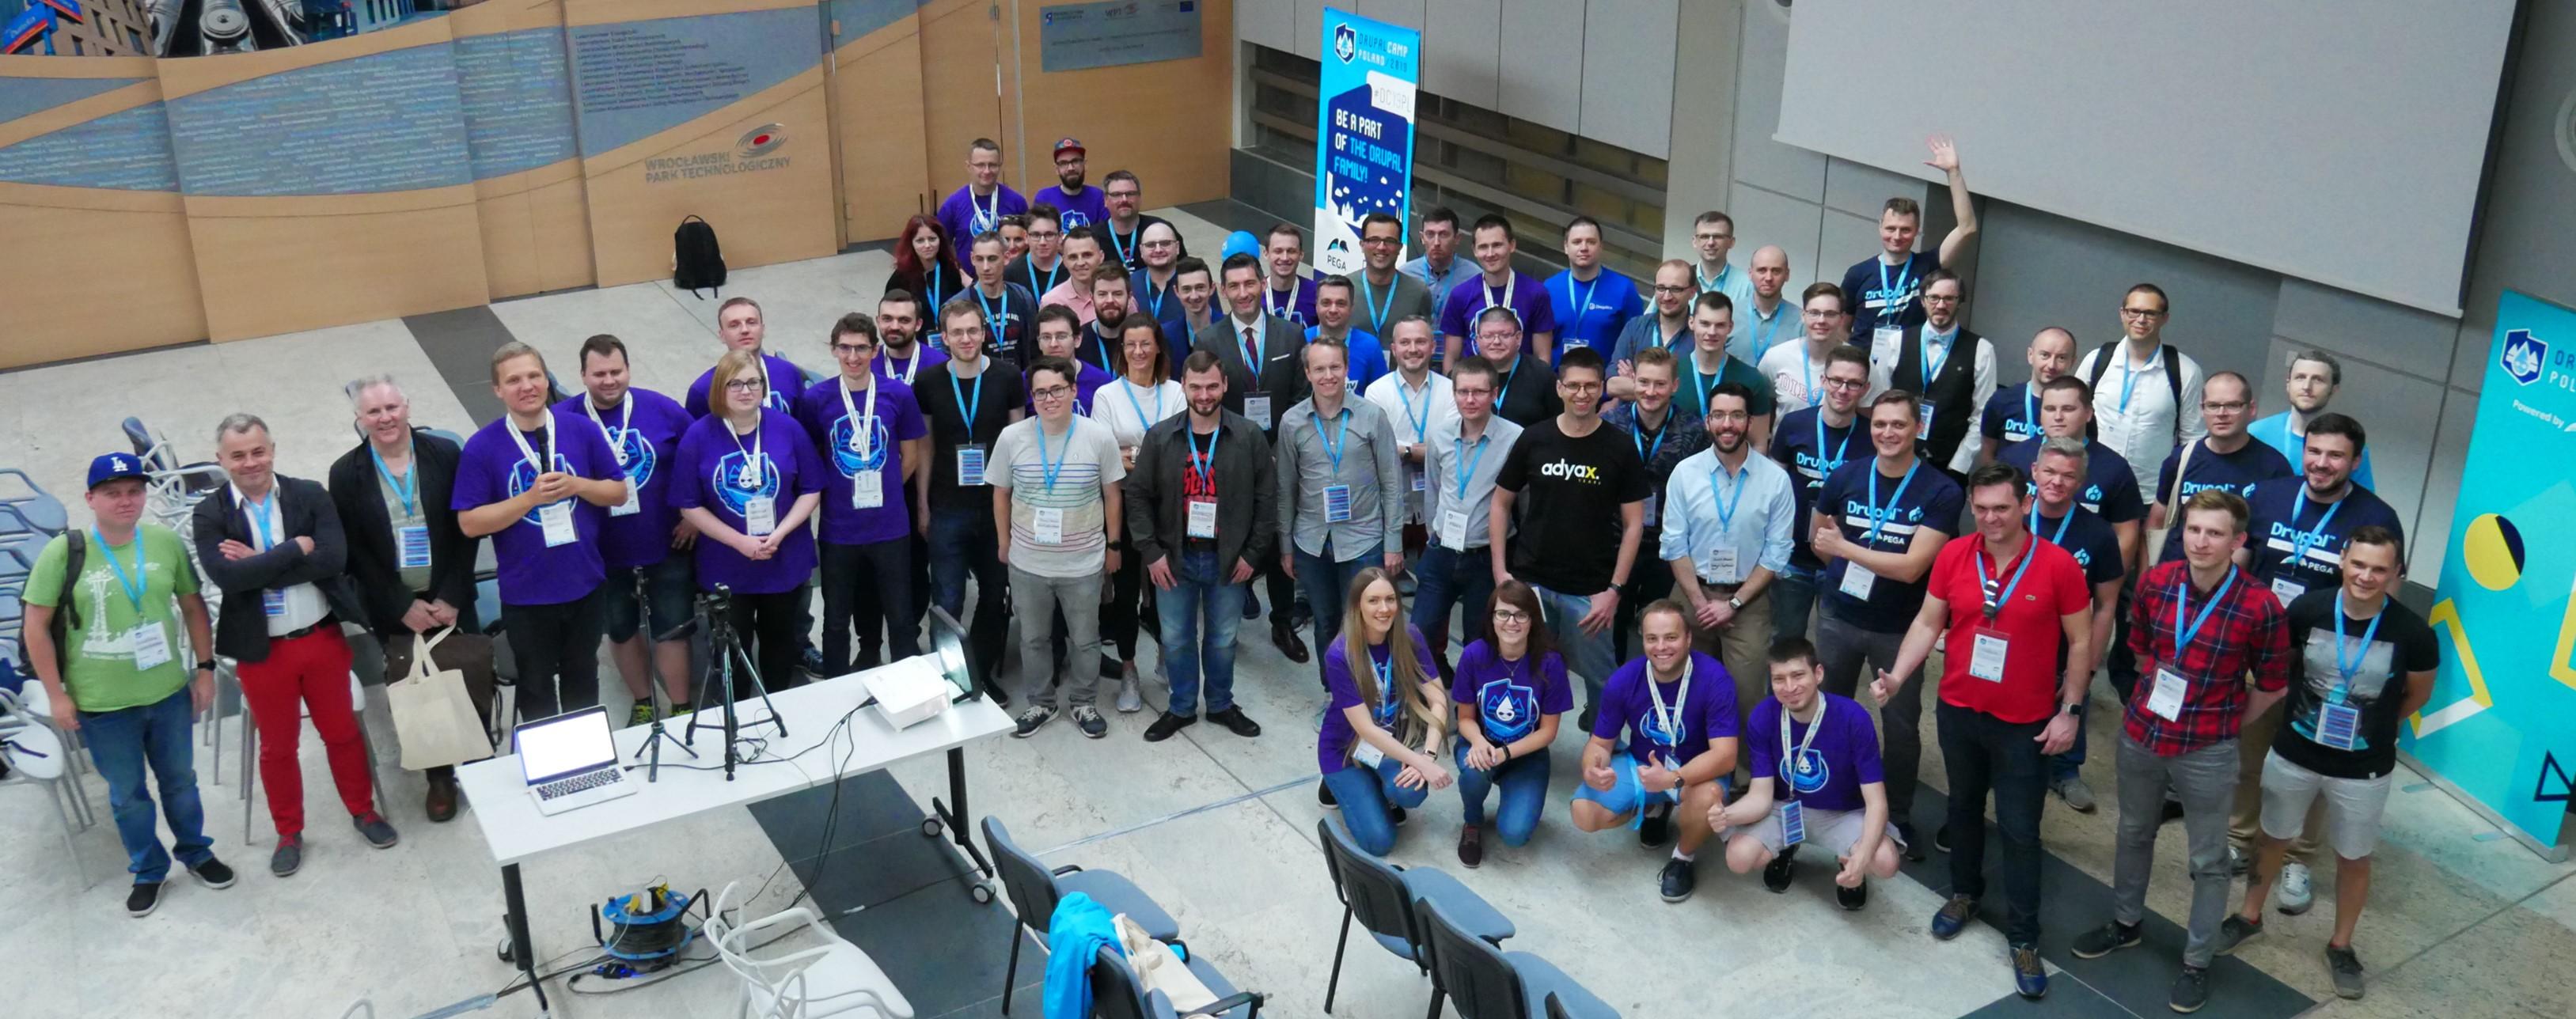 DrupalCamp Poland